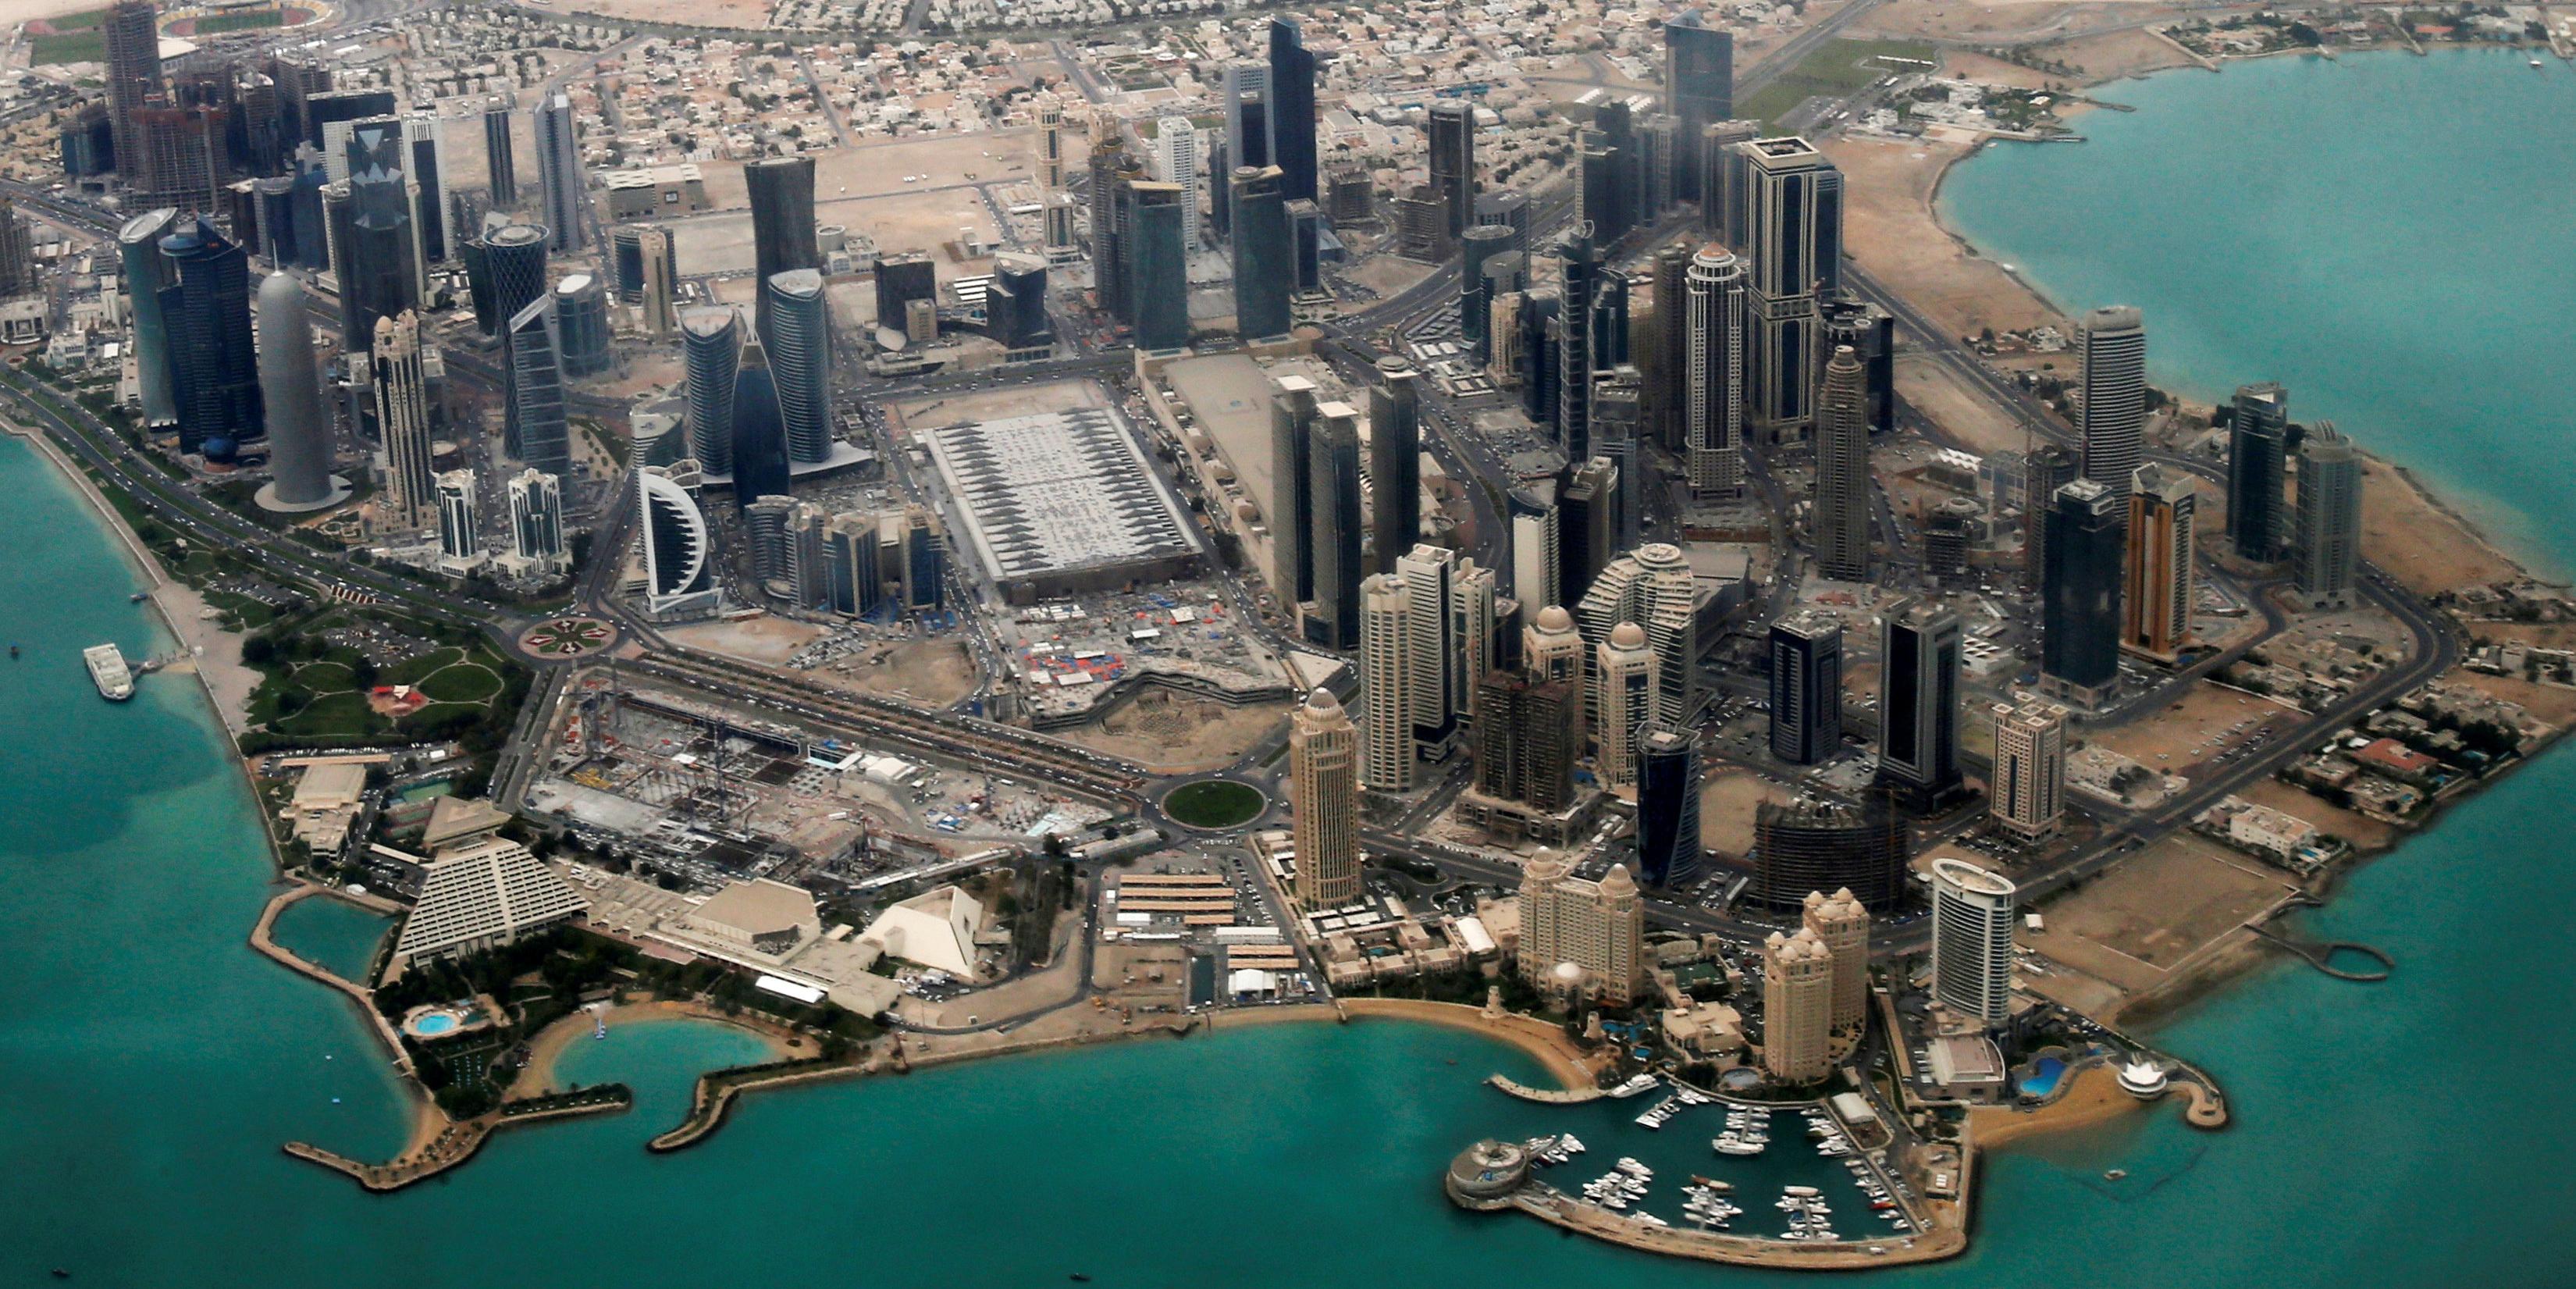 La Tribune, Le Qatar instaure un SMIC de 166 euros par mois pour les immigrés